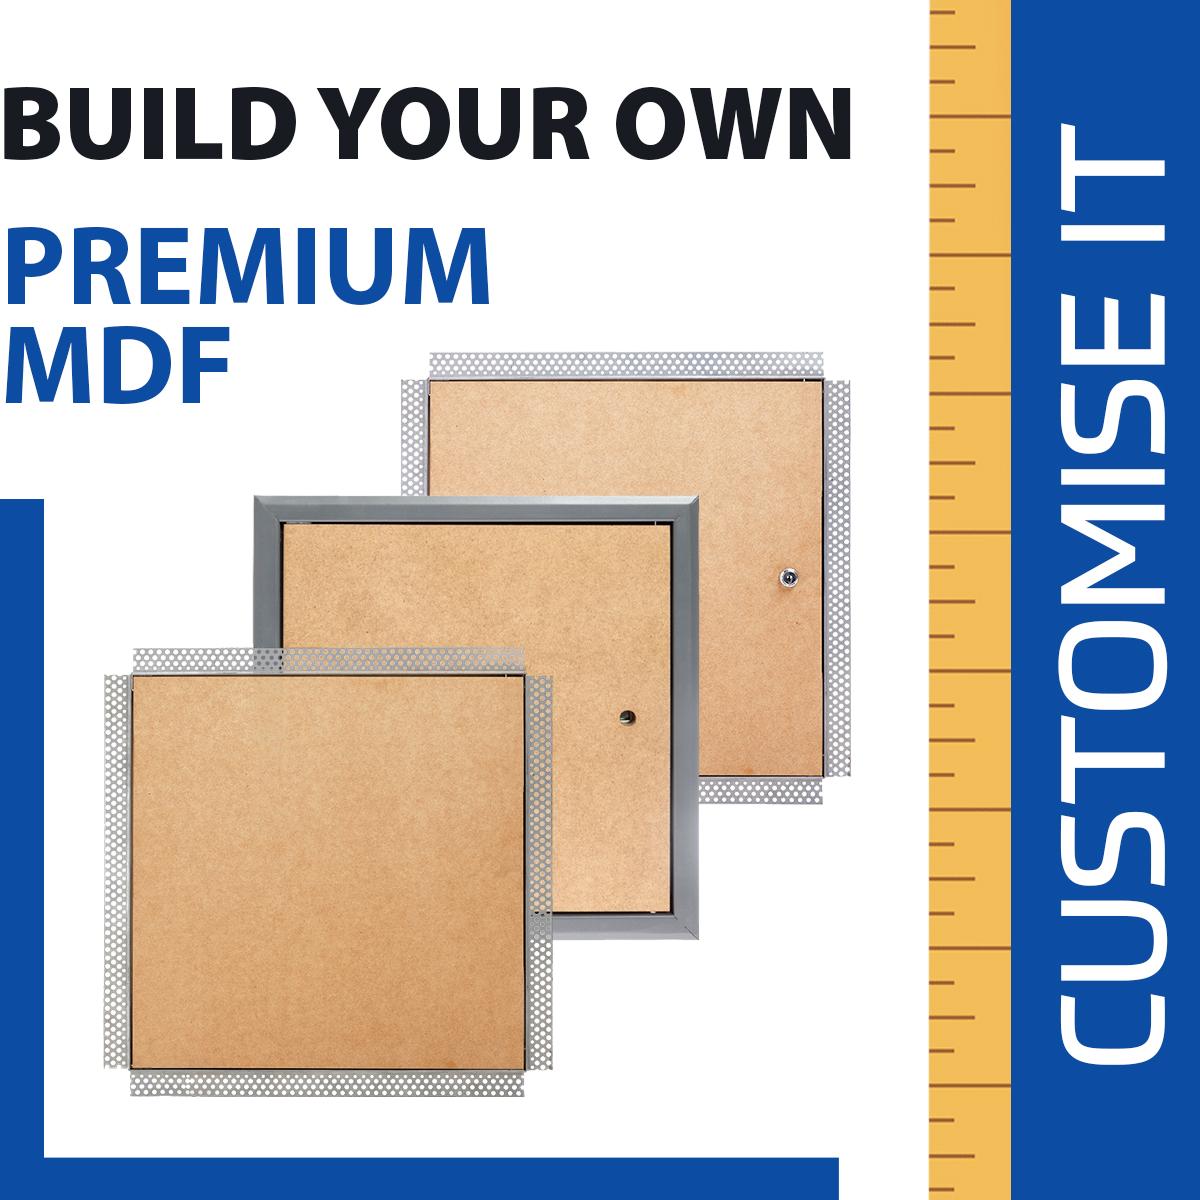 Build Your Own Premium MDF